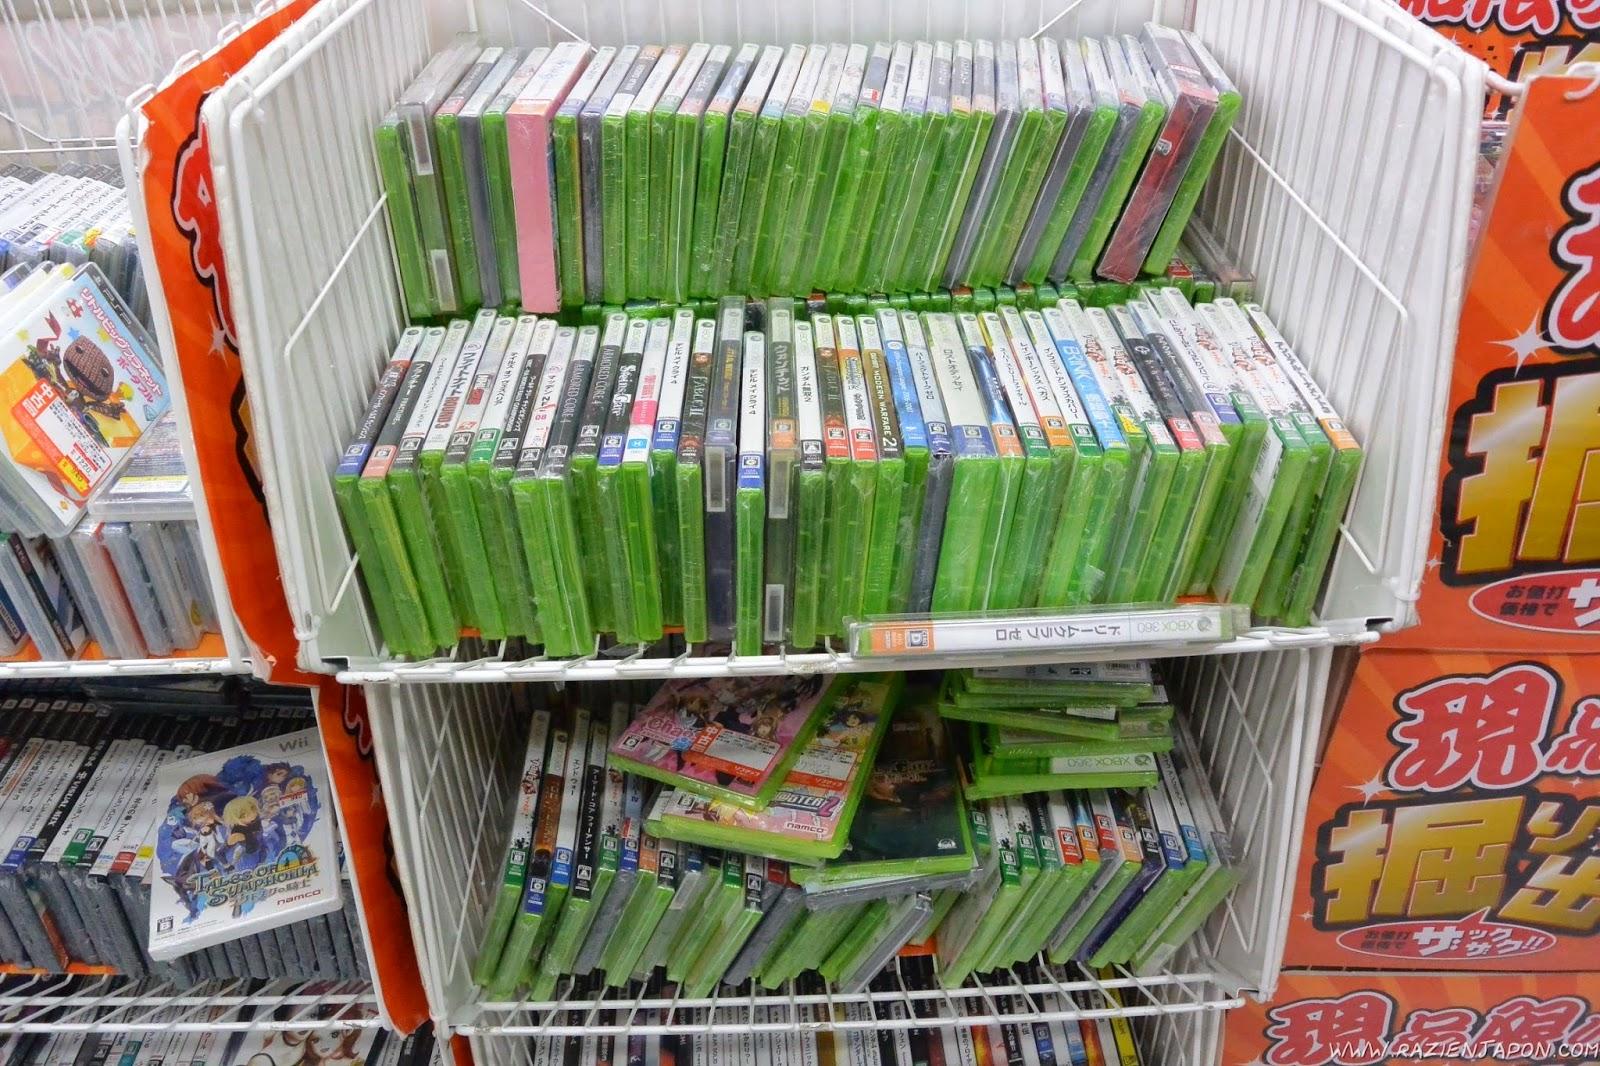 Videojuegos consumismo